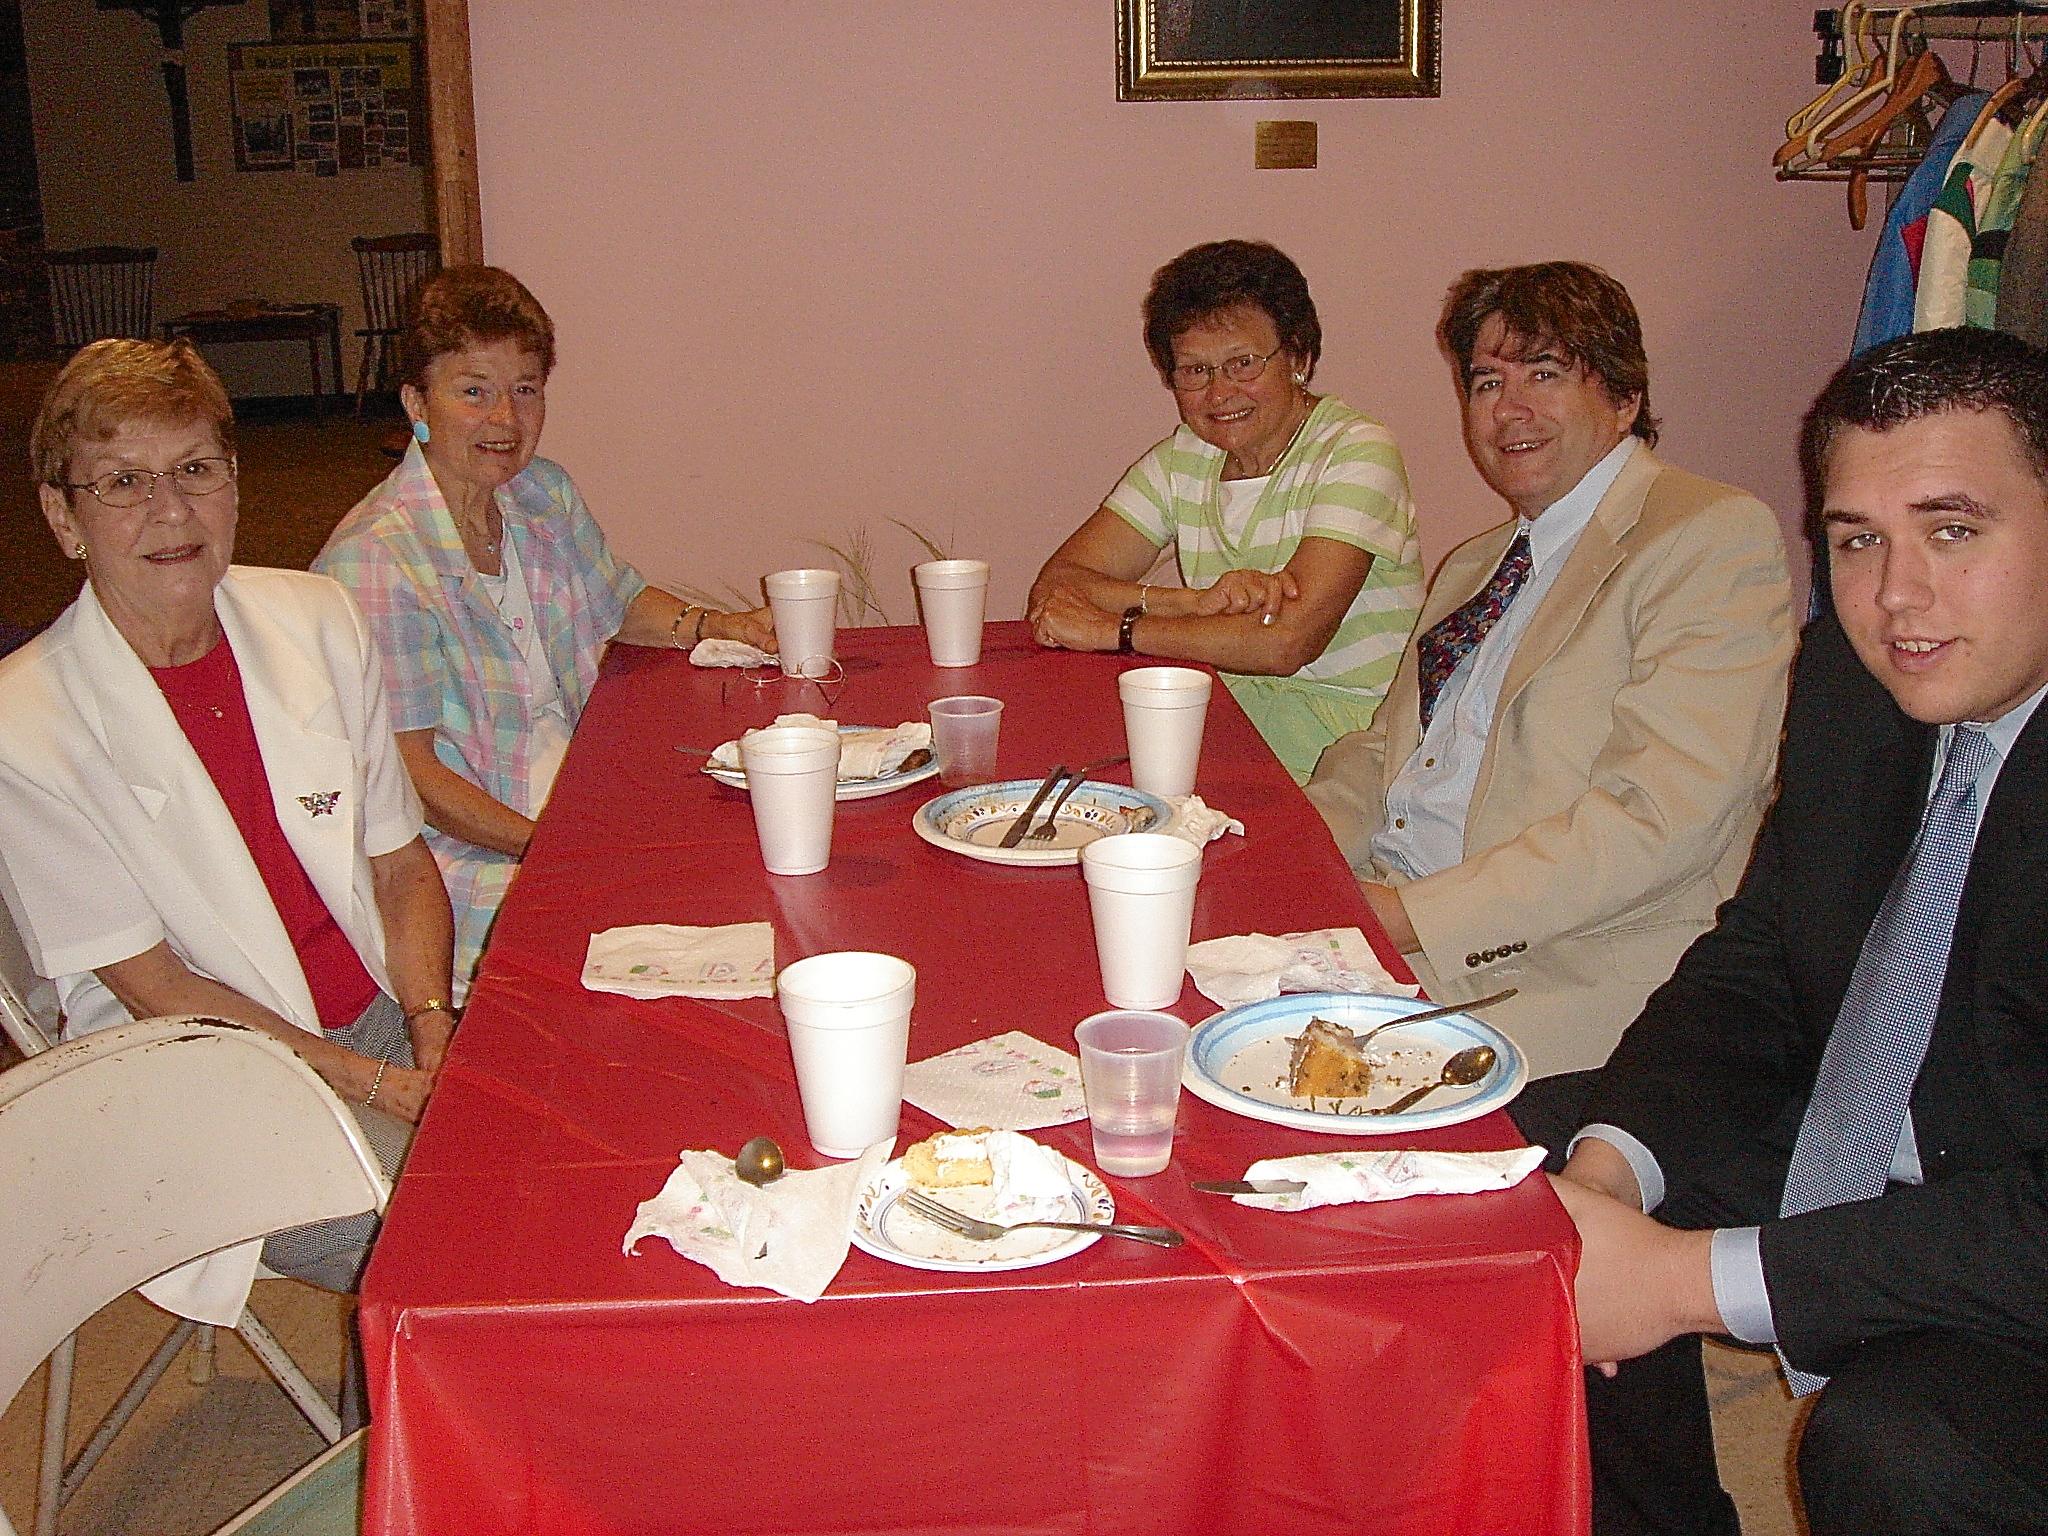 2007 near Albany, NY Margaret Doerr, Mary Ann, Dorothy, John & Greg Wagner, at Helen's husband's funeral, 2005?